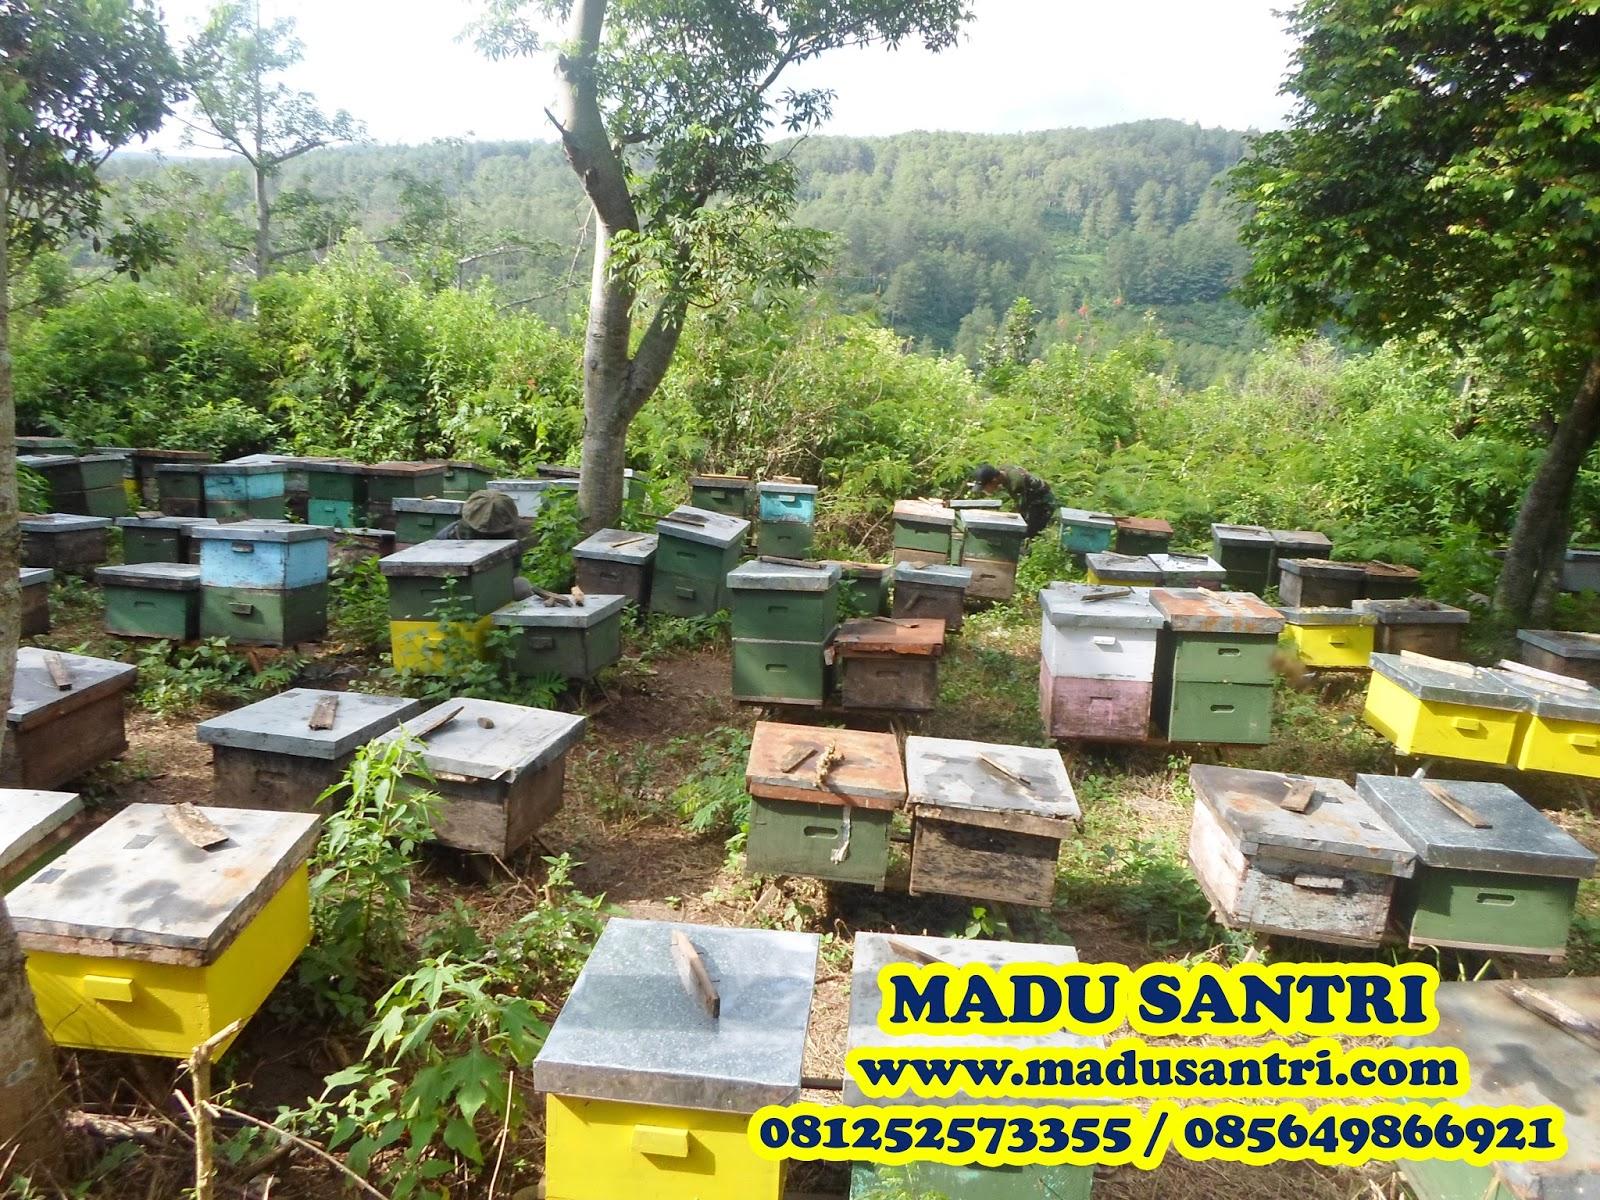 Jual Madu Asli Murni Alami Di Jayapura Grosir Hutan Berikut Adalah Dokumentasi Panen Lokasi Budidaya Lebah Daerah Gunung Wilis Kediri Jawa Timur